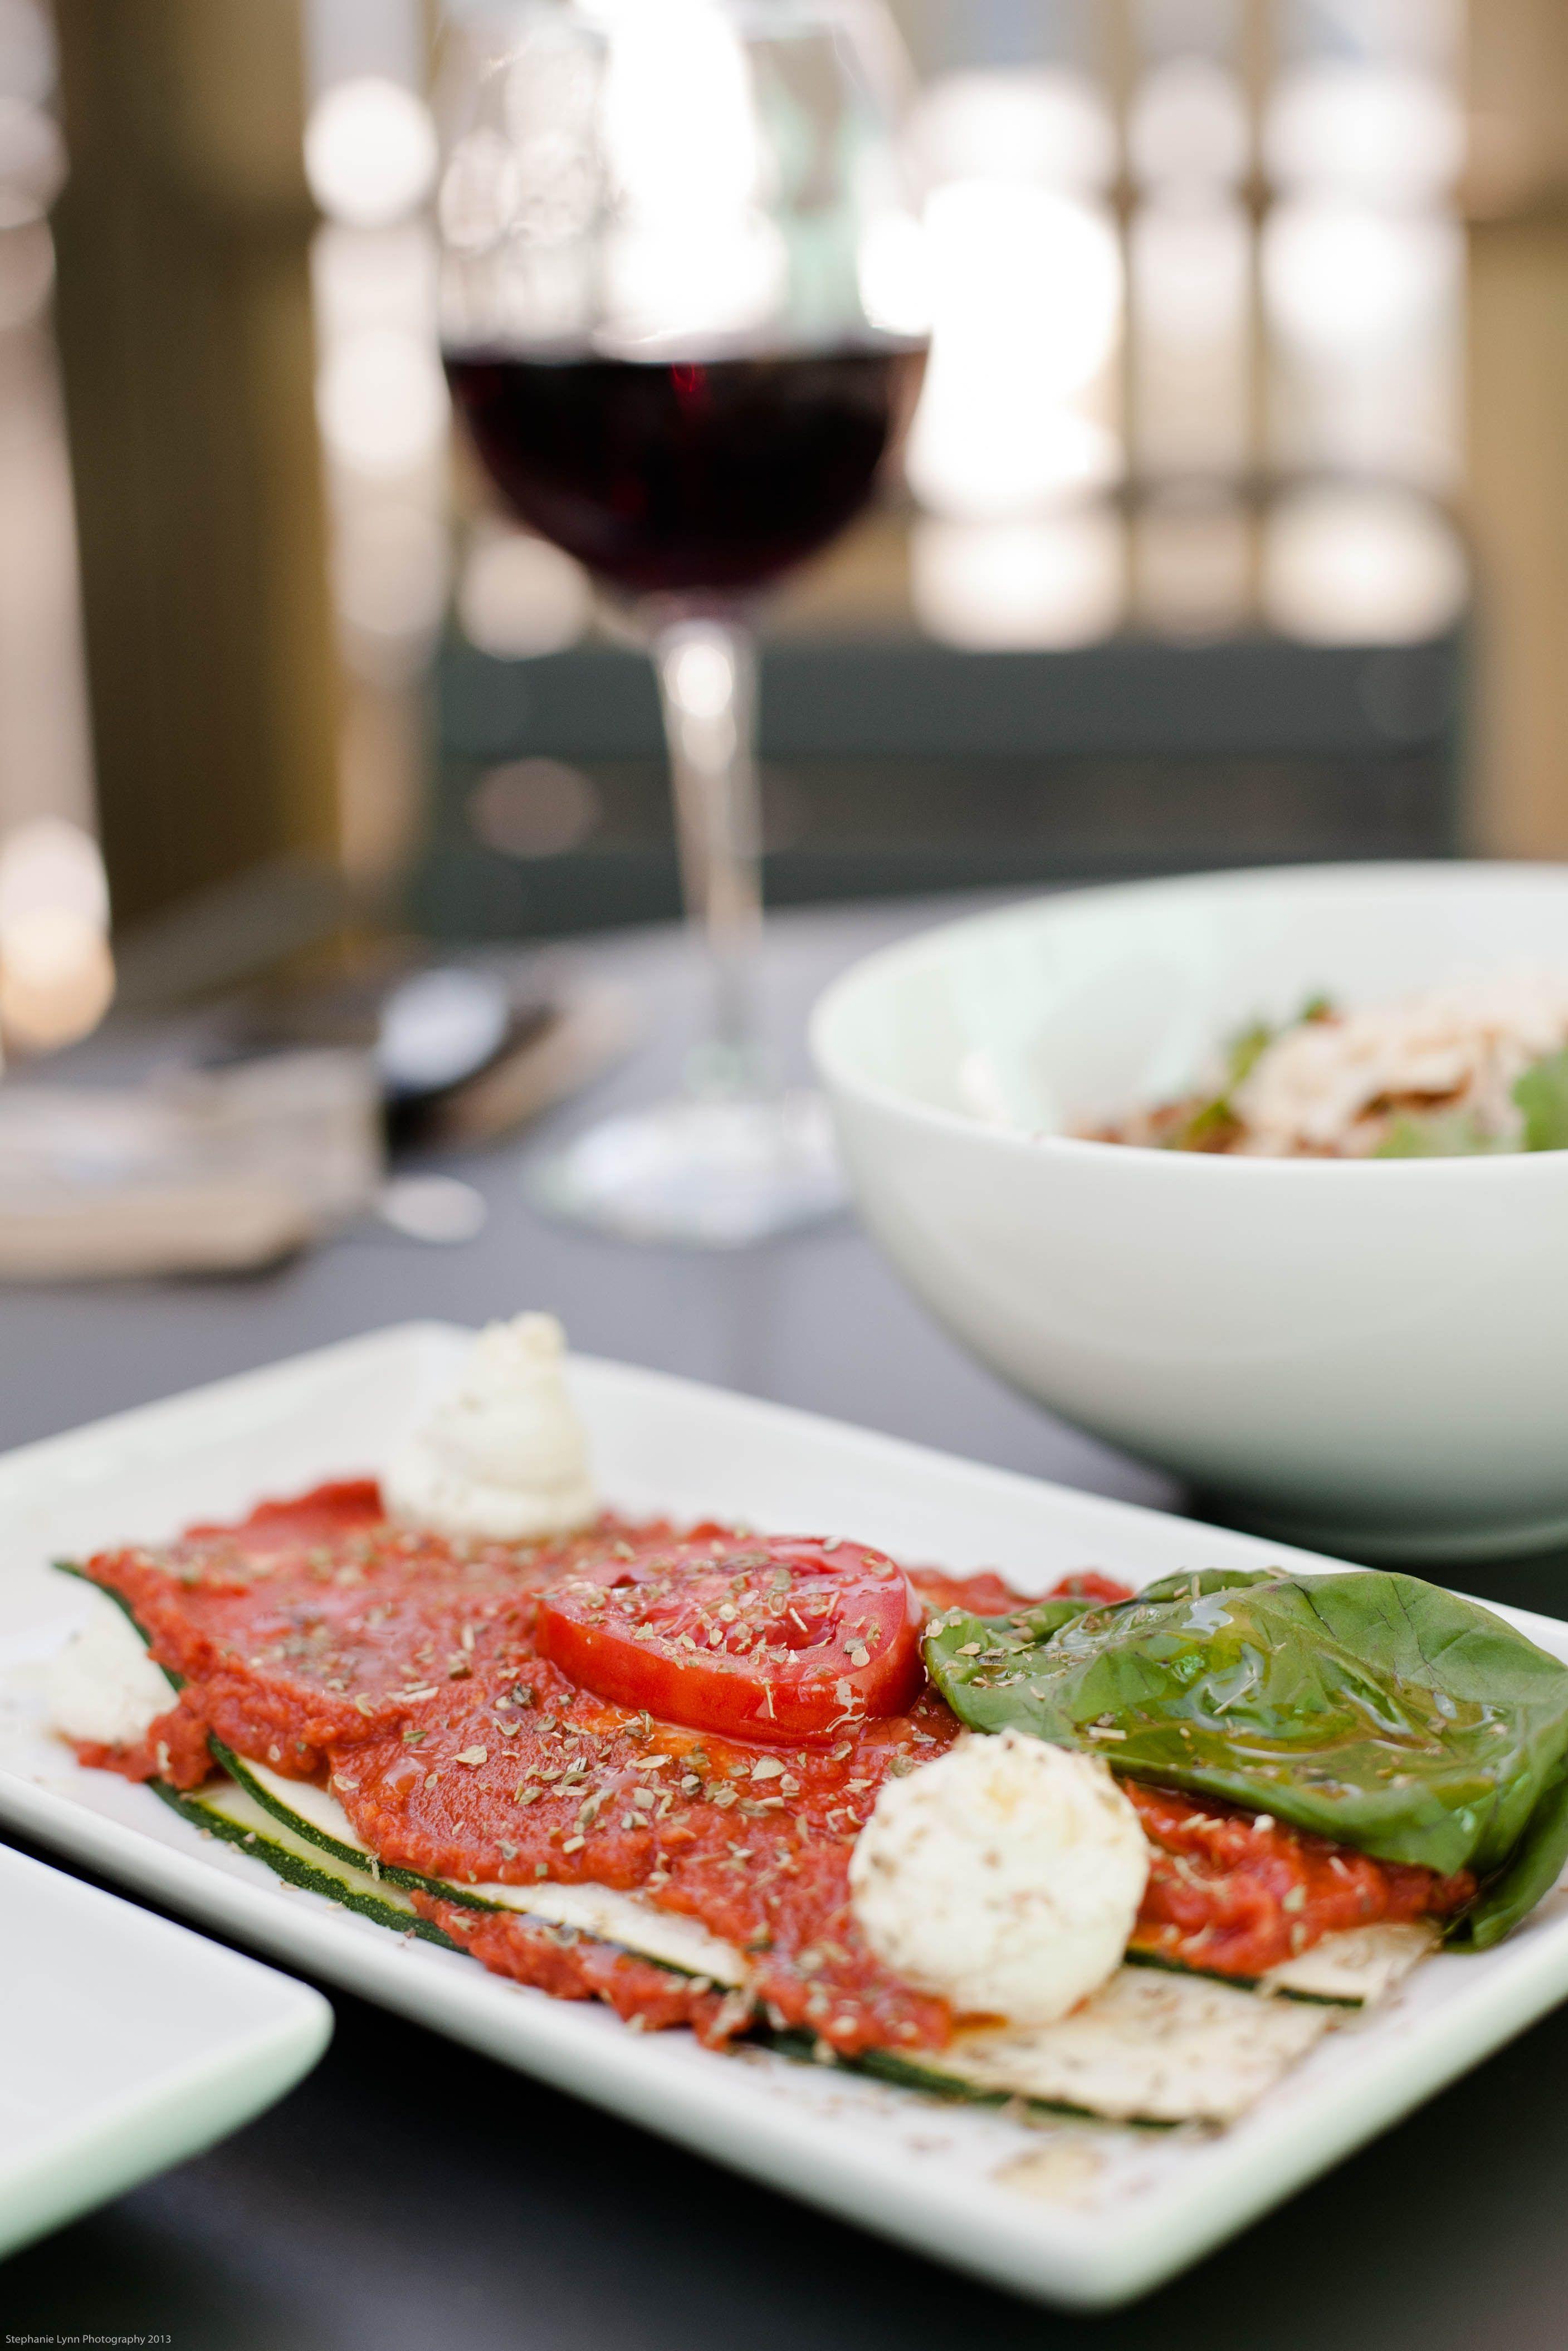 living lasagna - zucchini pasta, sundried tomato marinara, macadamia ricotta, basil pesto, olive oil